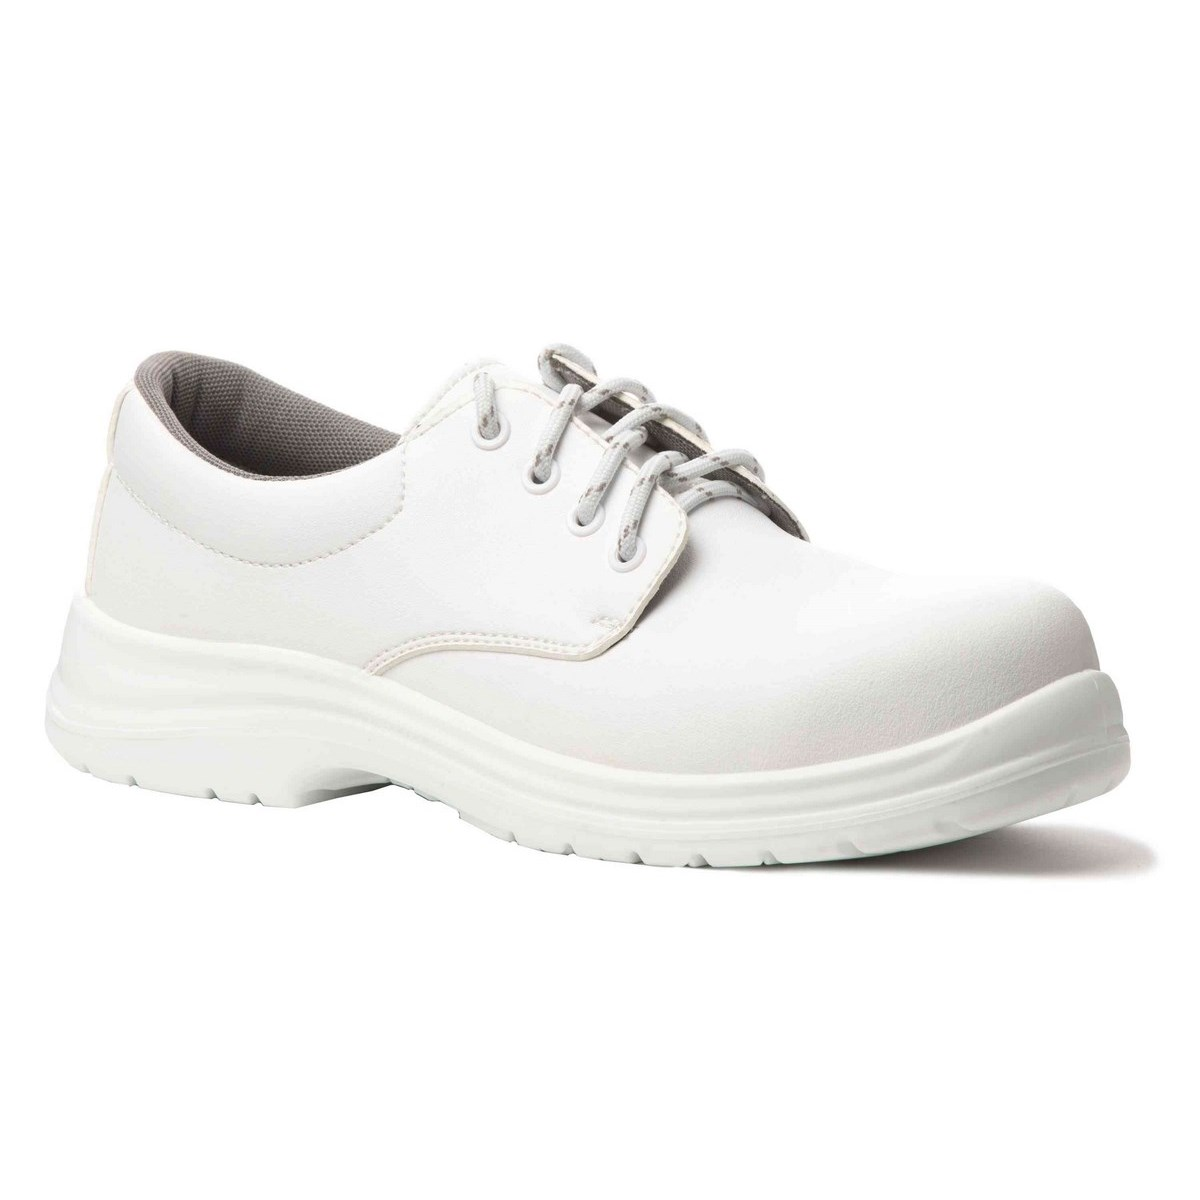 MOON S2 SRC fehér munkavédelmi cipő